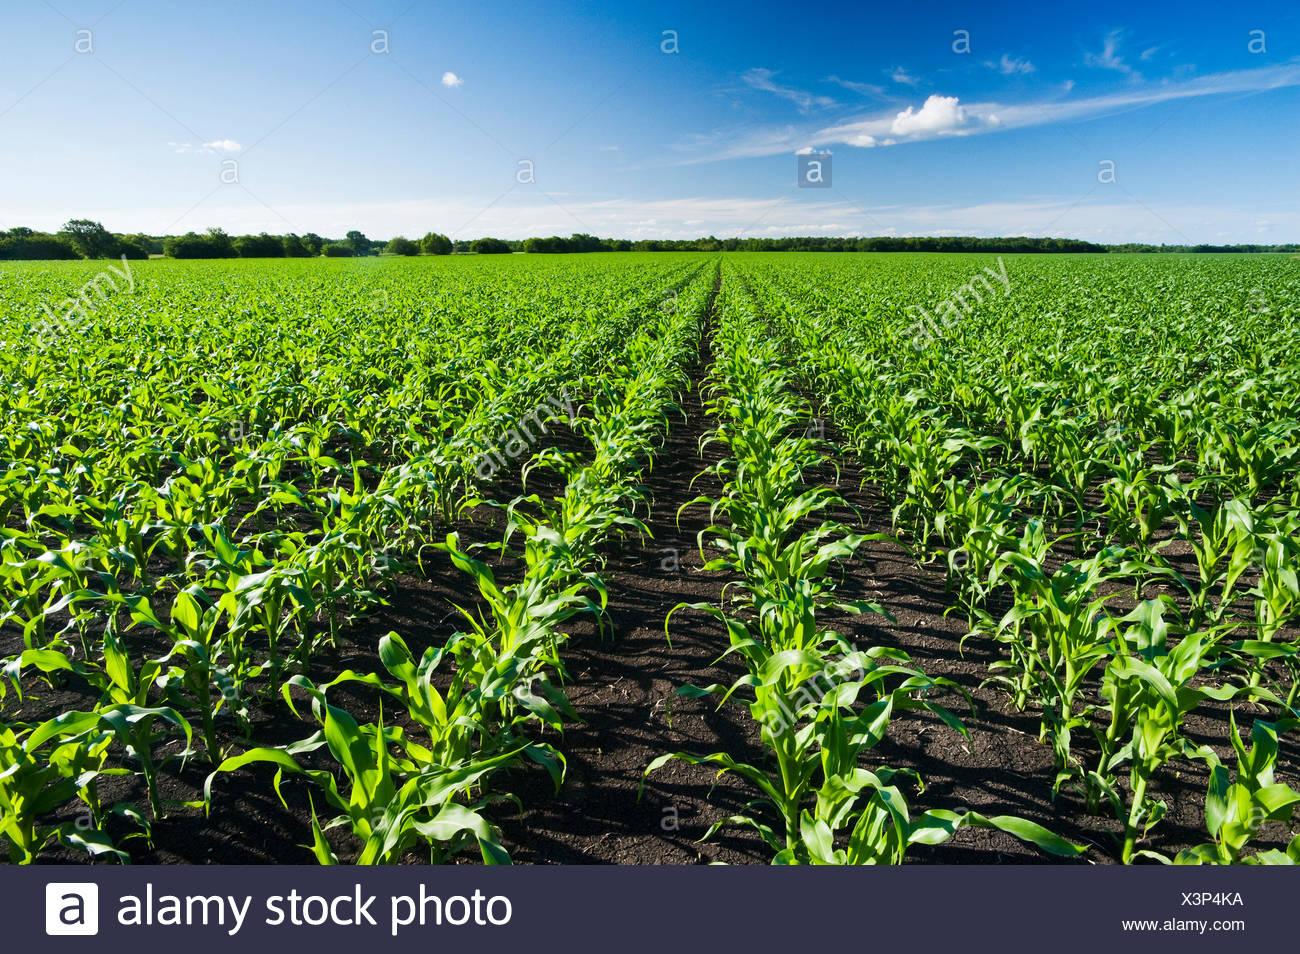 Un champ de maïs-grain/d'alimentation s'étend à l'horizon, près de Dugald (Manitoba), Canada Photo Stock